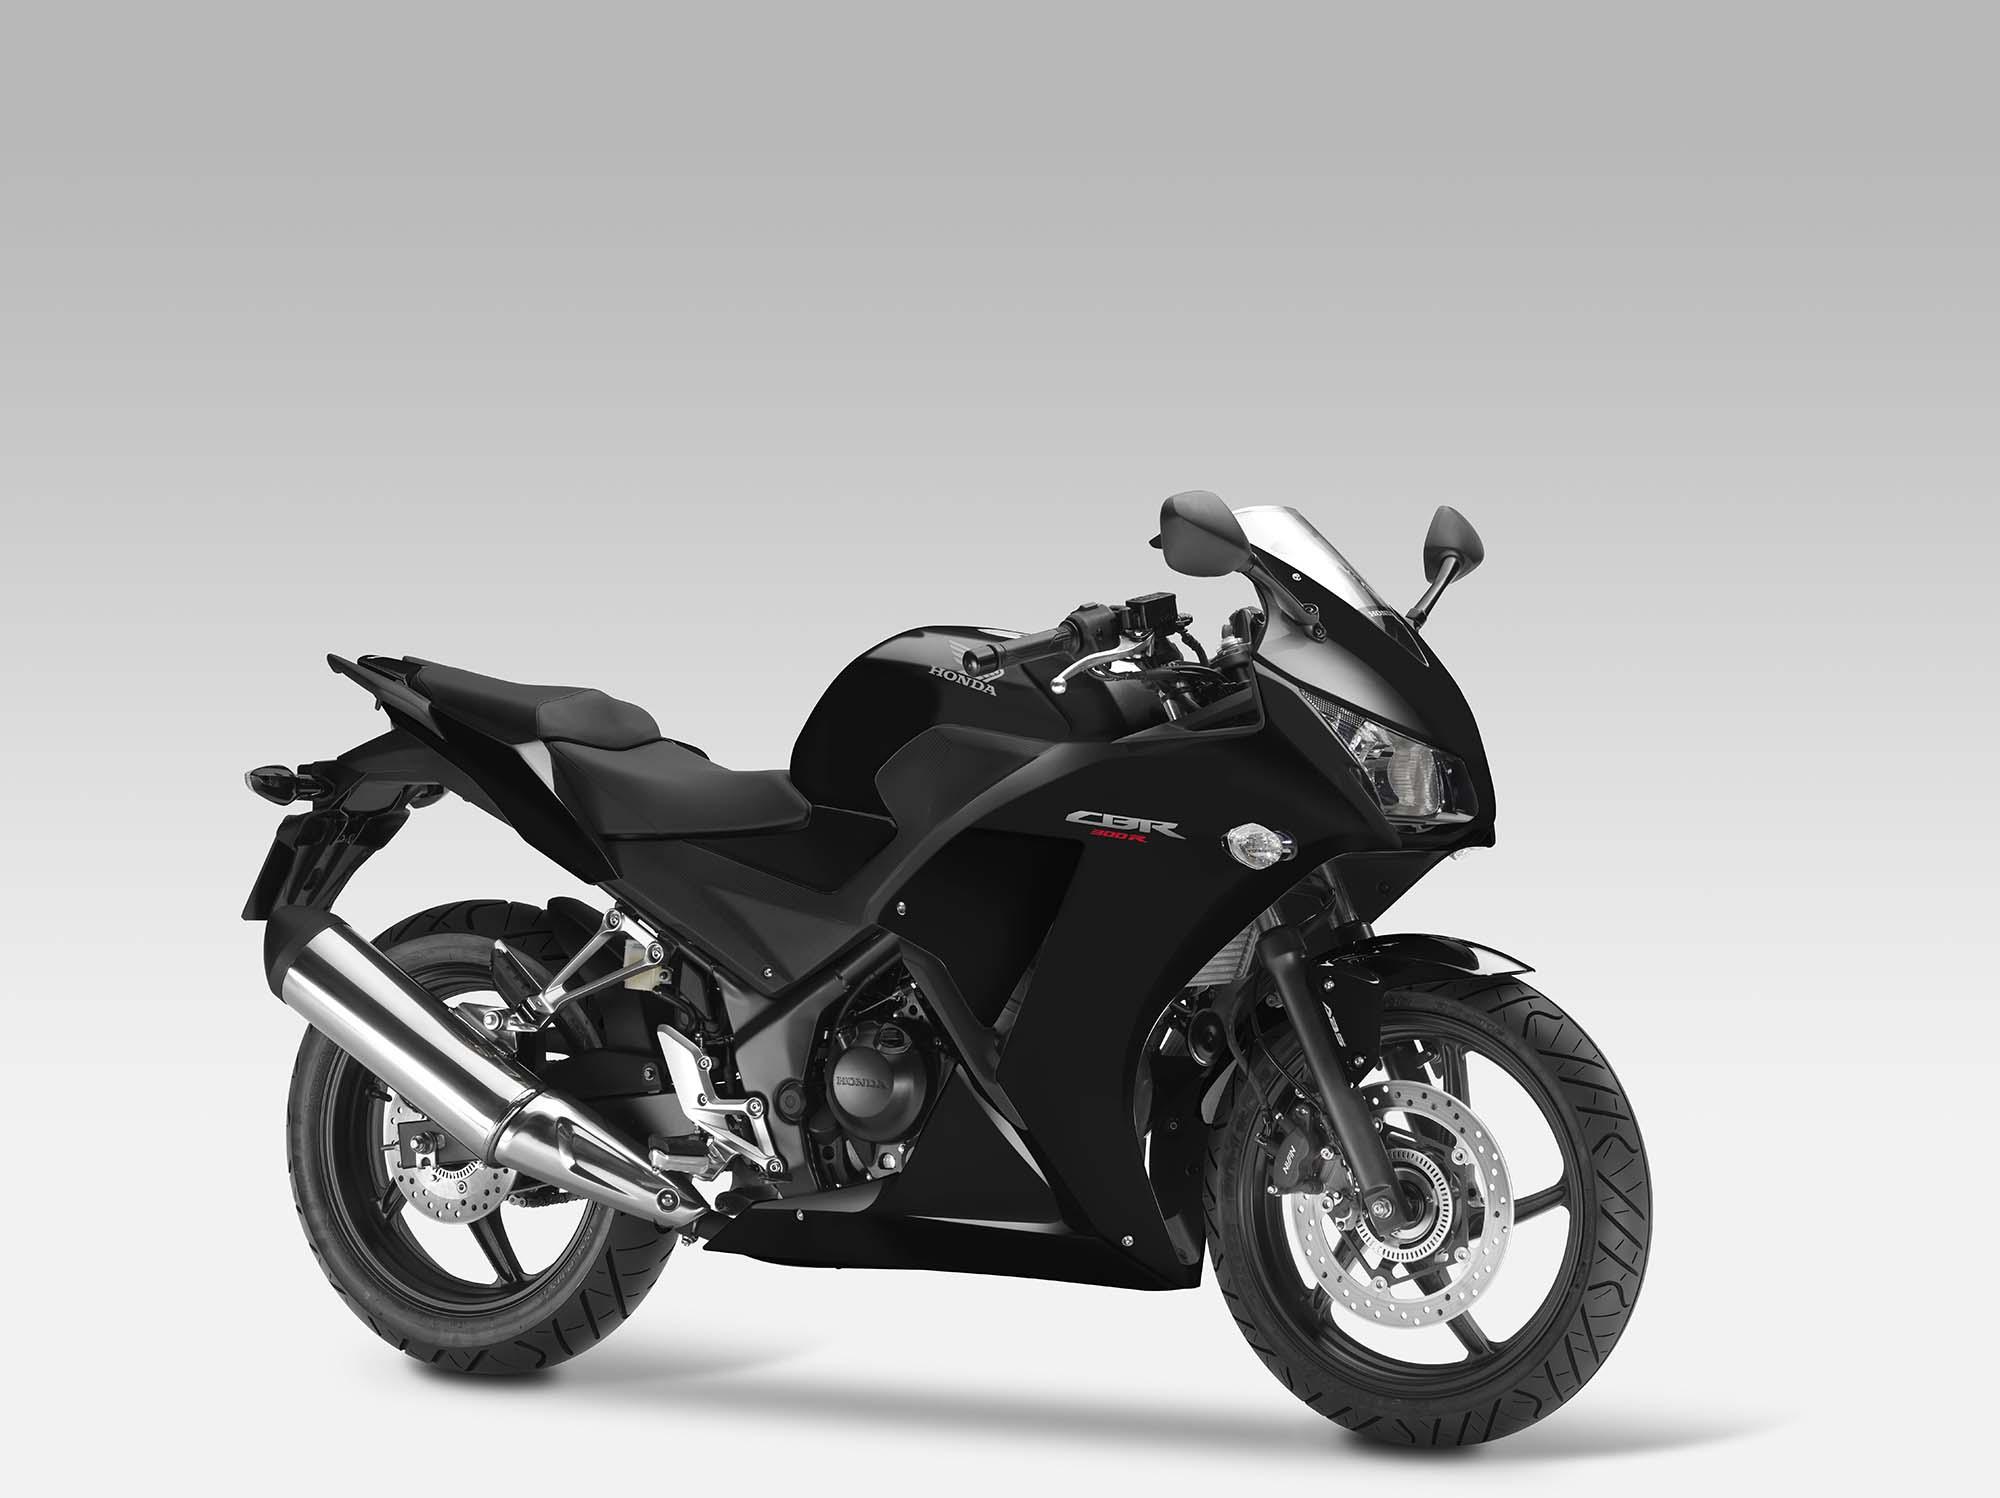 2014 Honda CBR300R Replaces The CBR250R